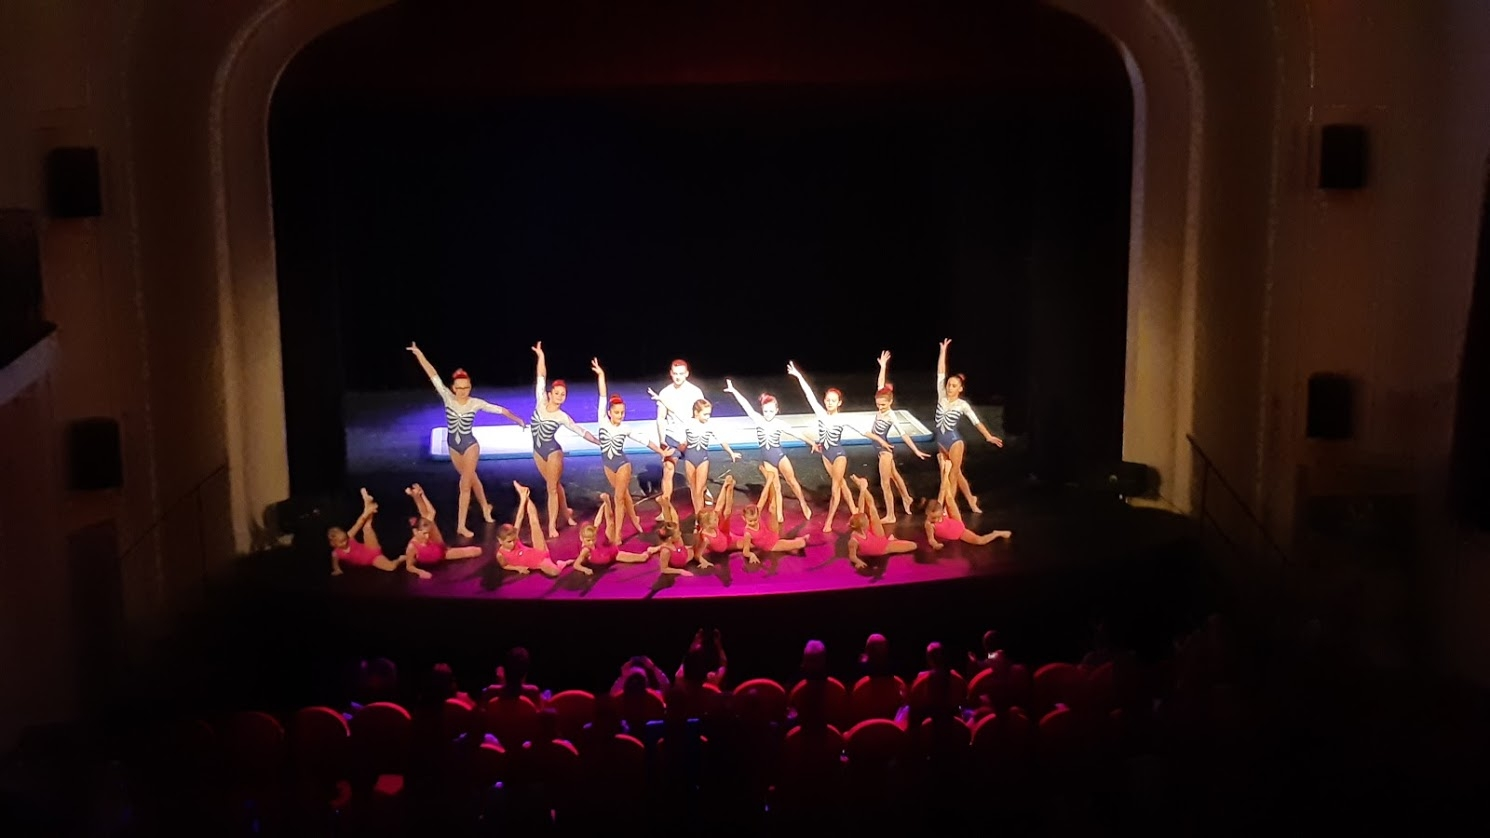 vystoupení v divadle zdroj foto: oddíl